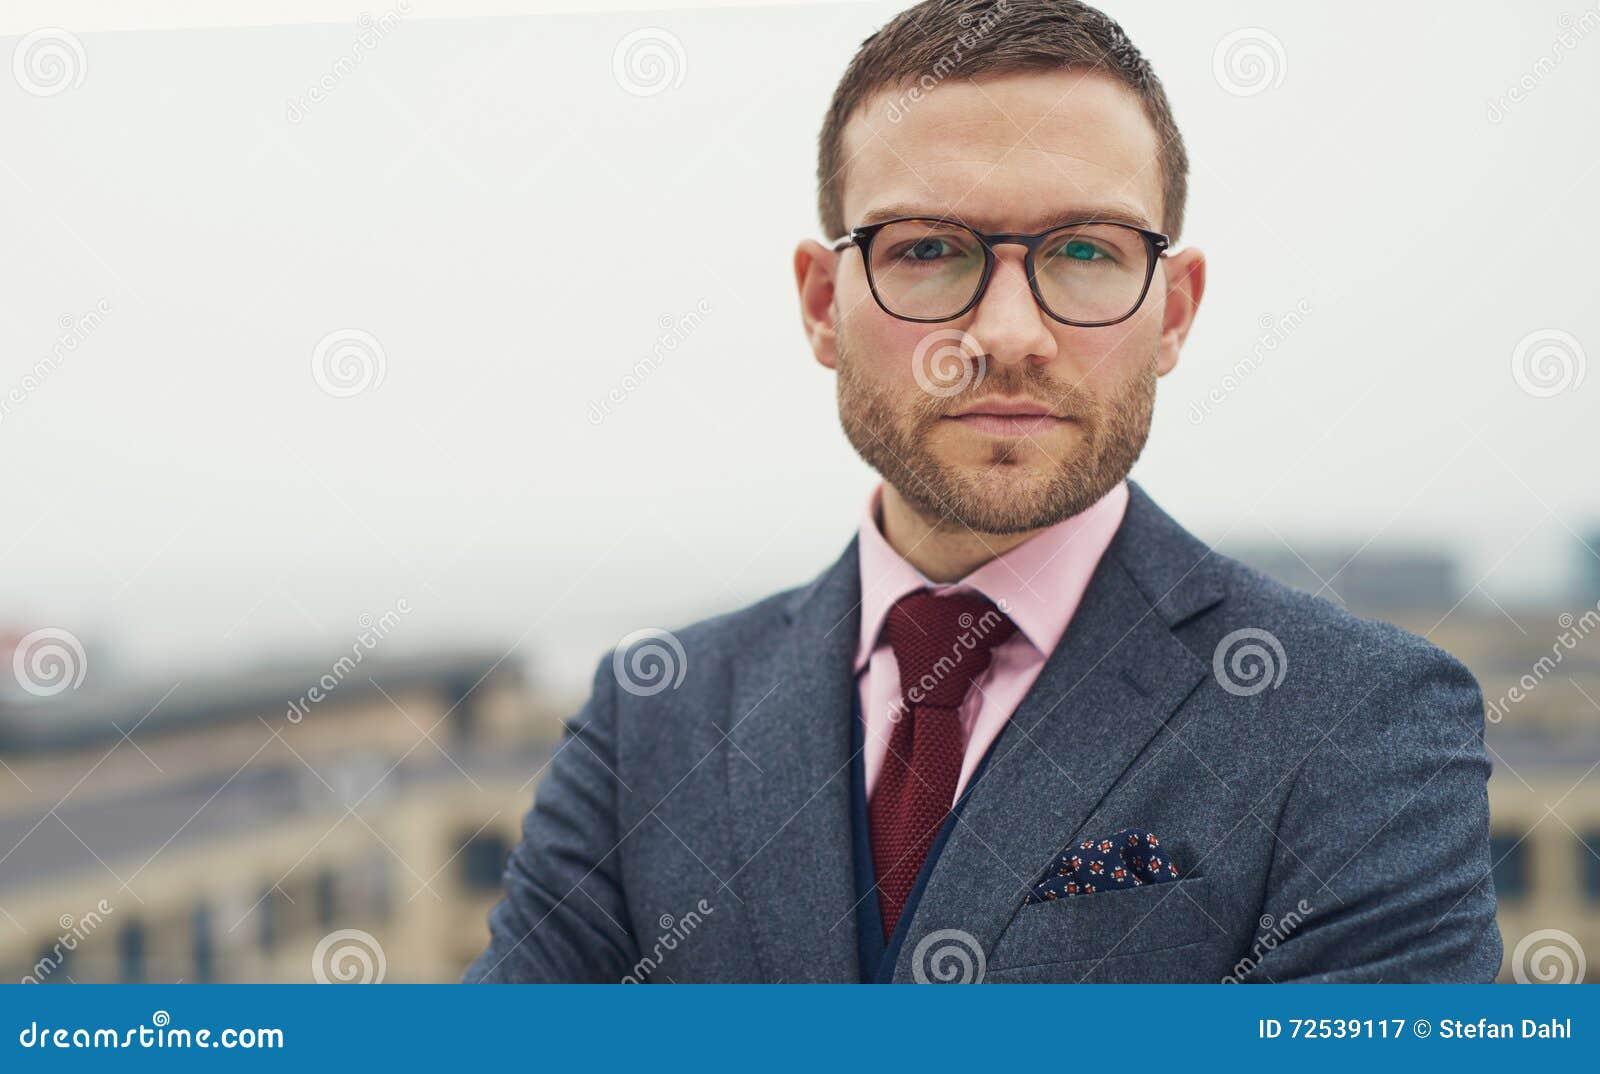 戴眼镜的严肃的强烈的年轻商人